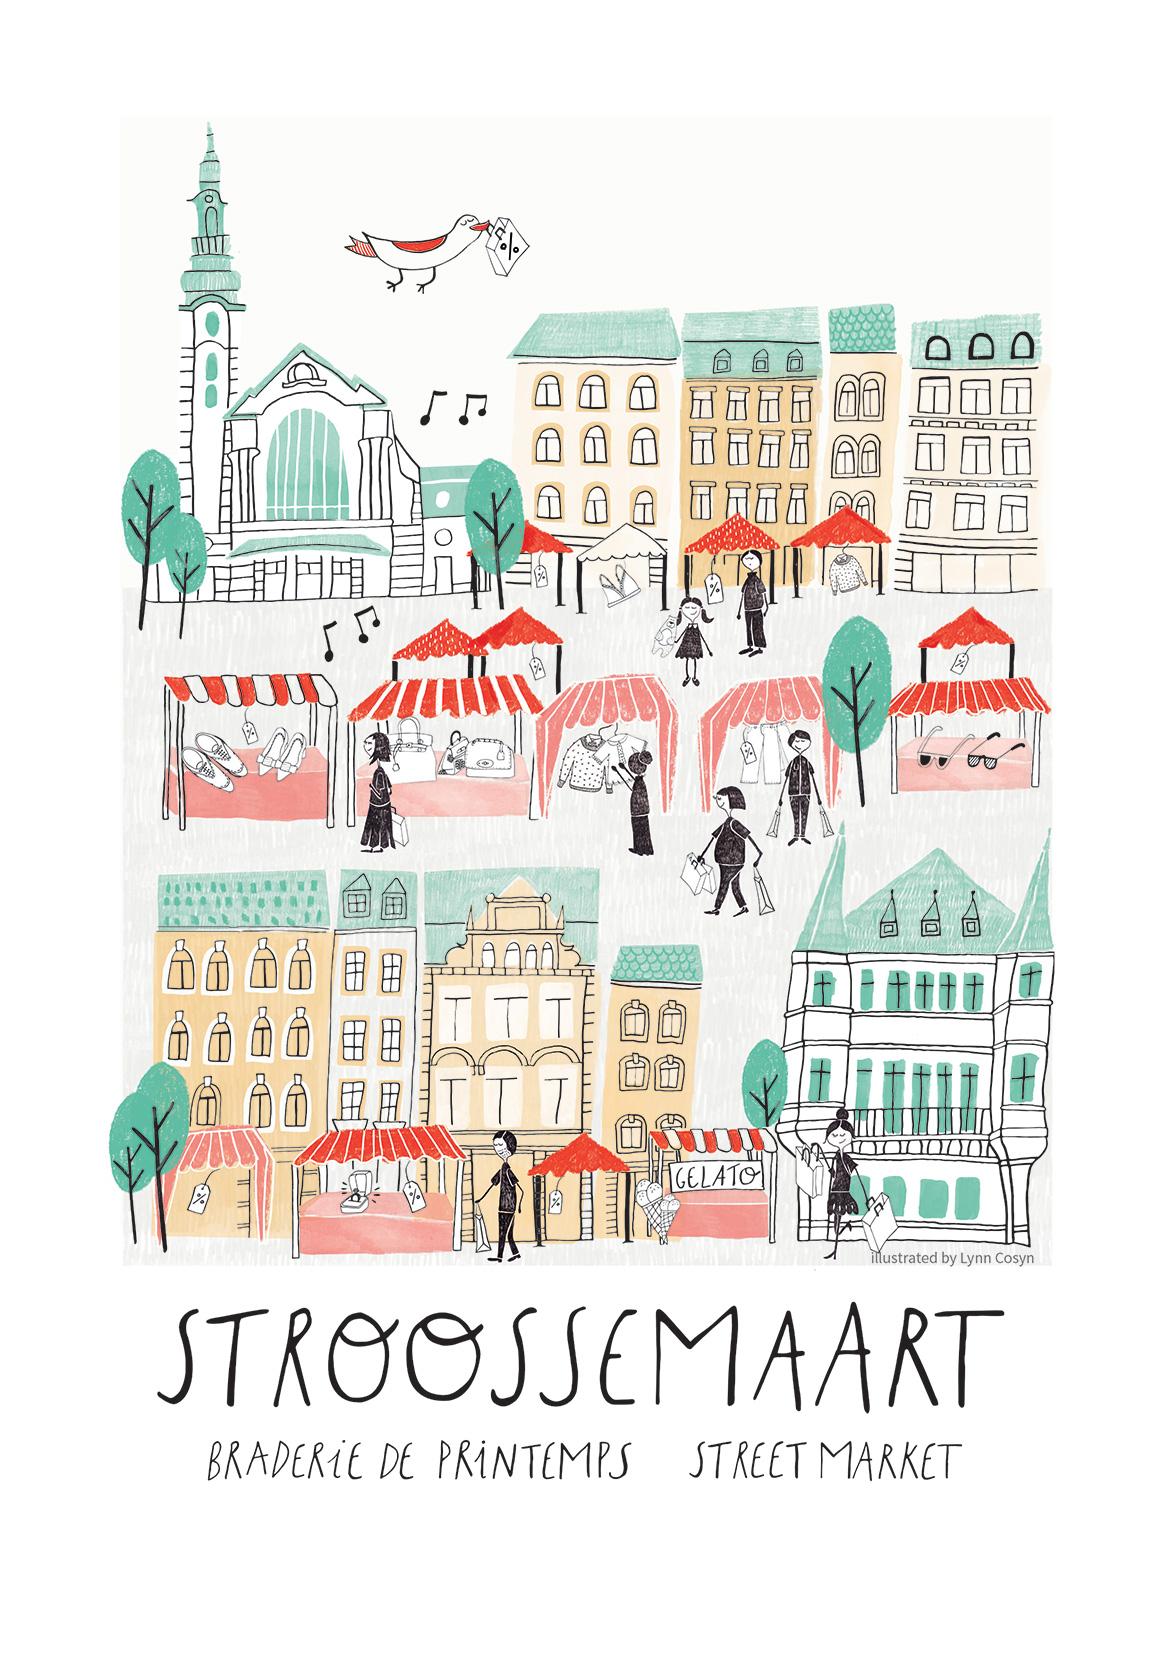 Street market in Luxembourg by Lynn Cosyn